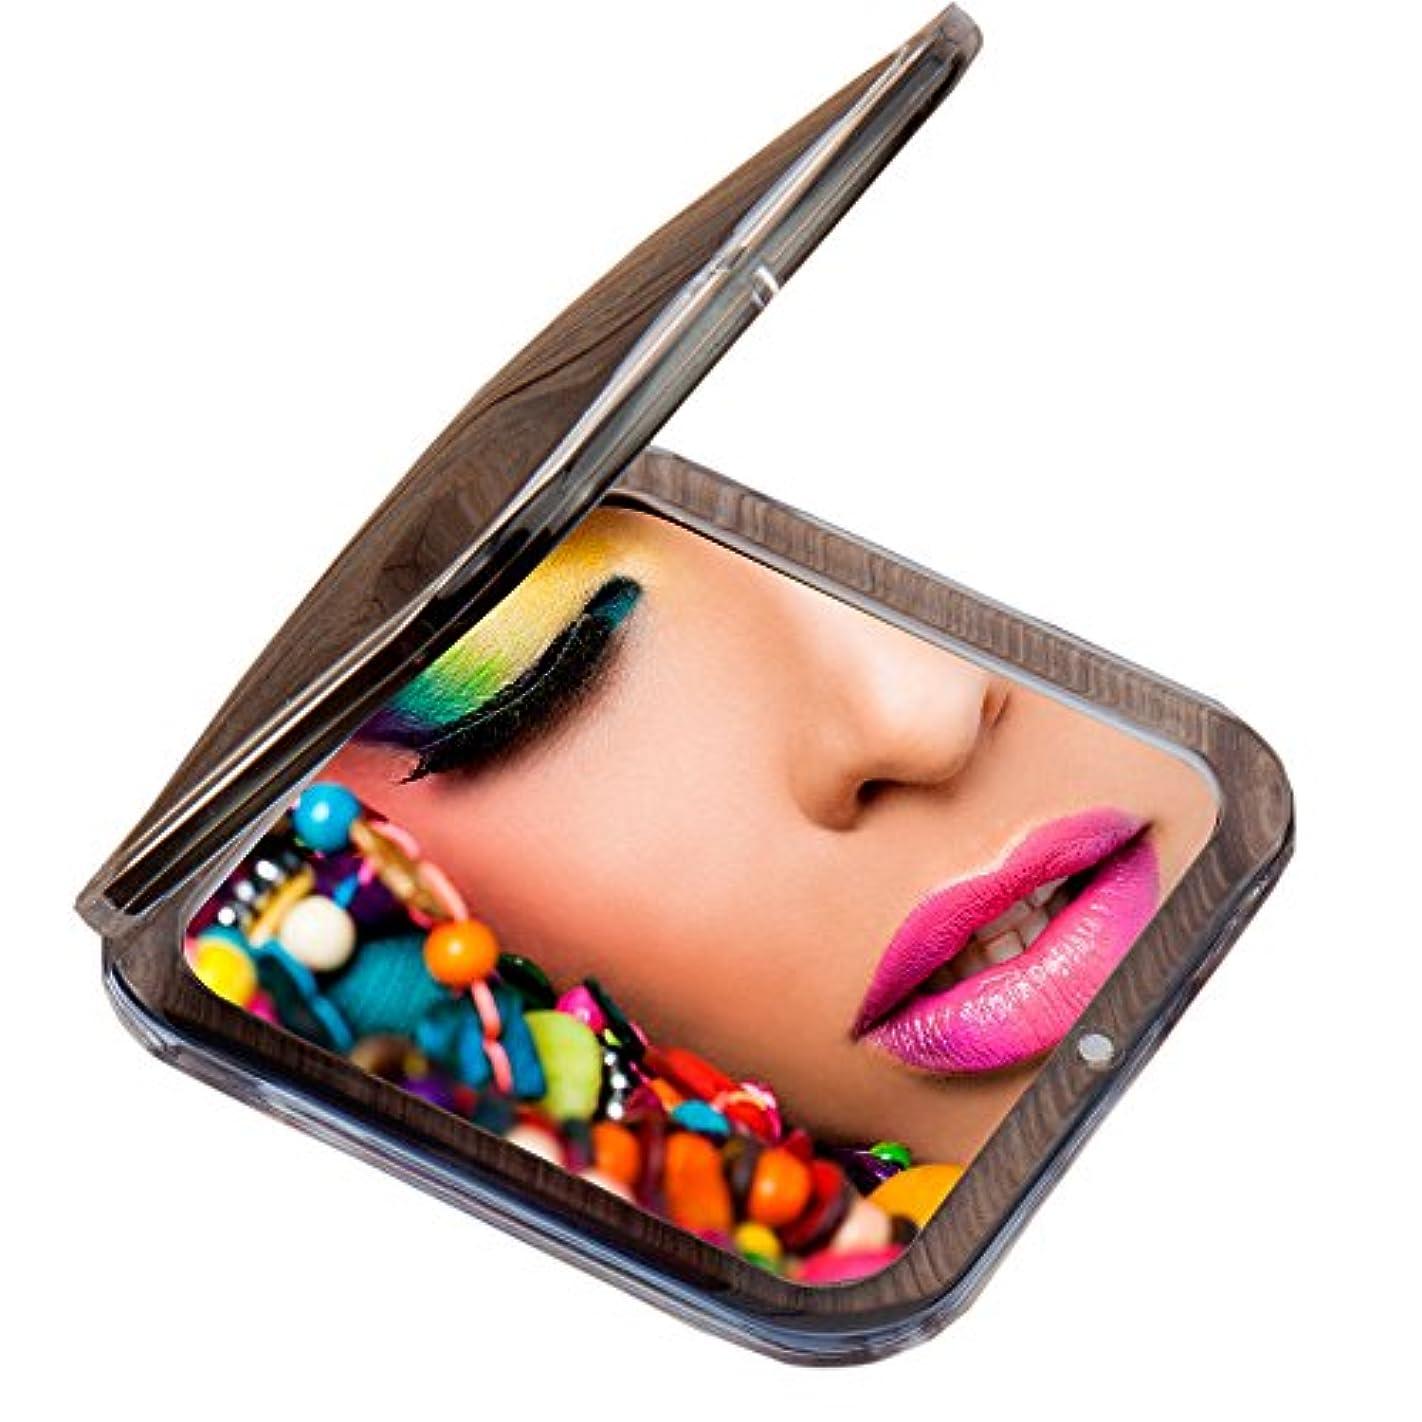 展示会かなり過ちMiss Sweet コンパクトミラー 両面鏡 化粧鏡 1倍*10倍拡大鏡 (Black)